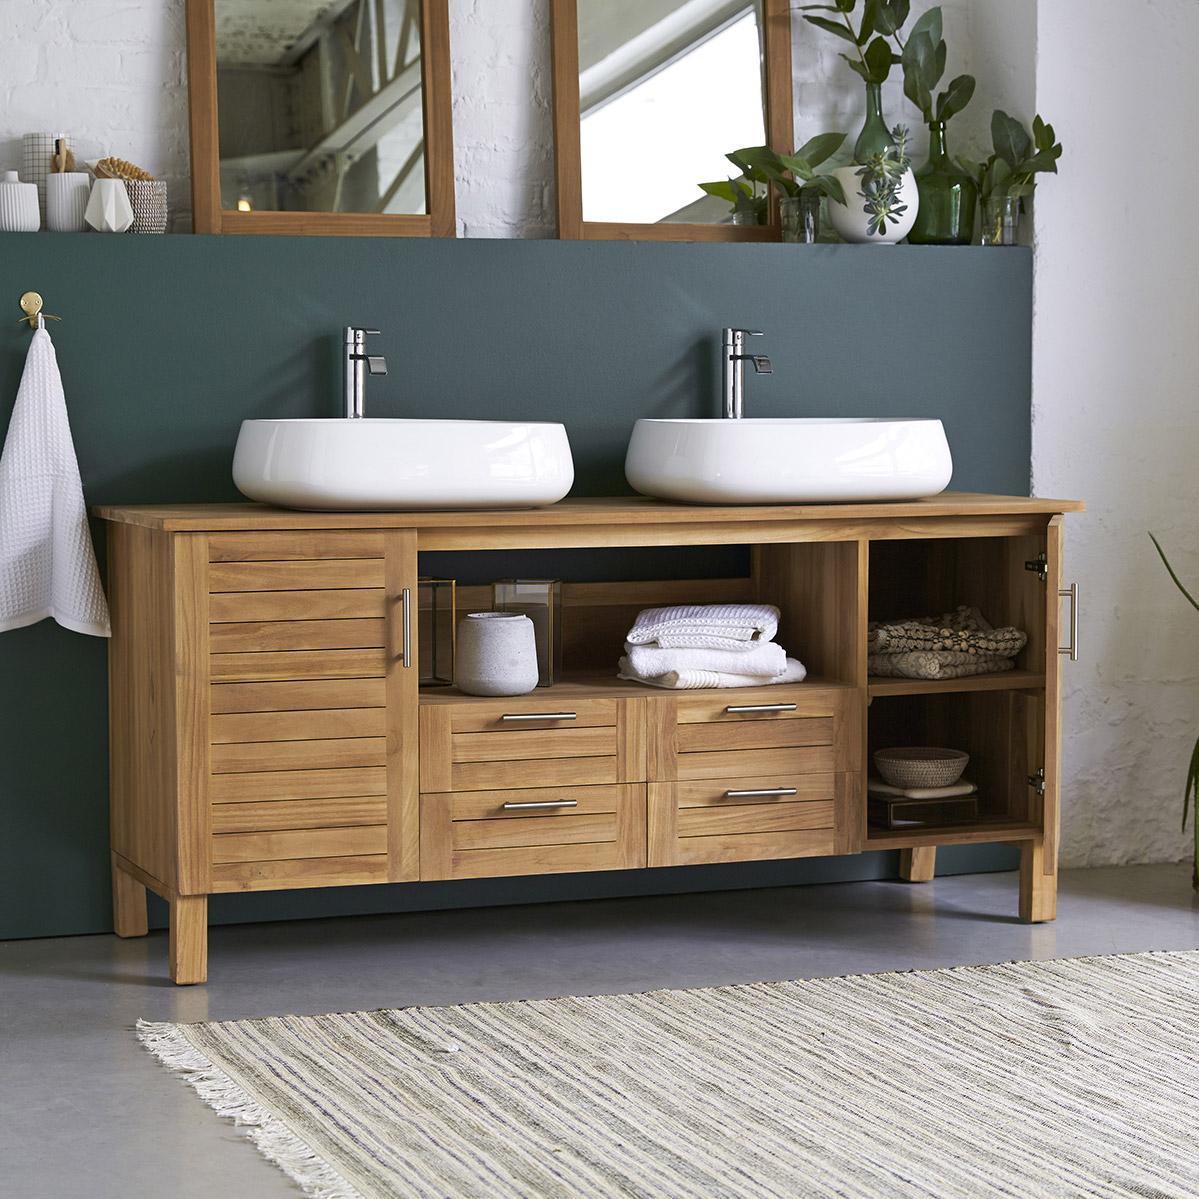 Meuble de salle de bains x x cm teck - Meuble salle de bain teck castorama ...